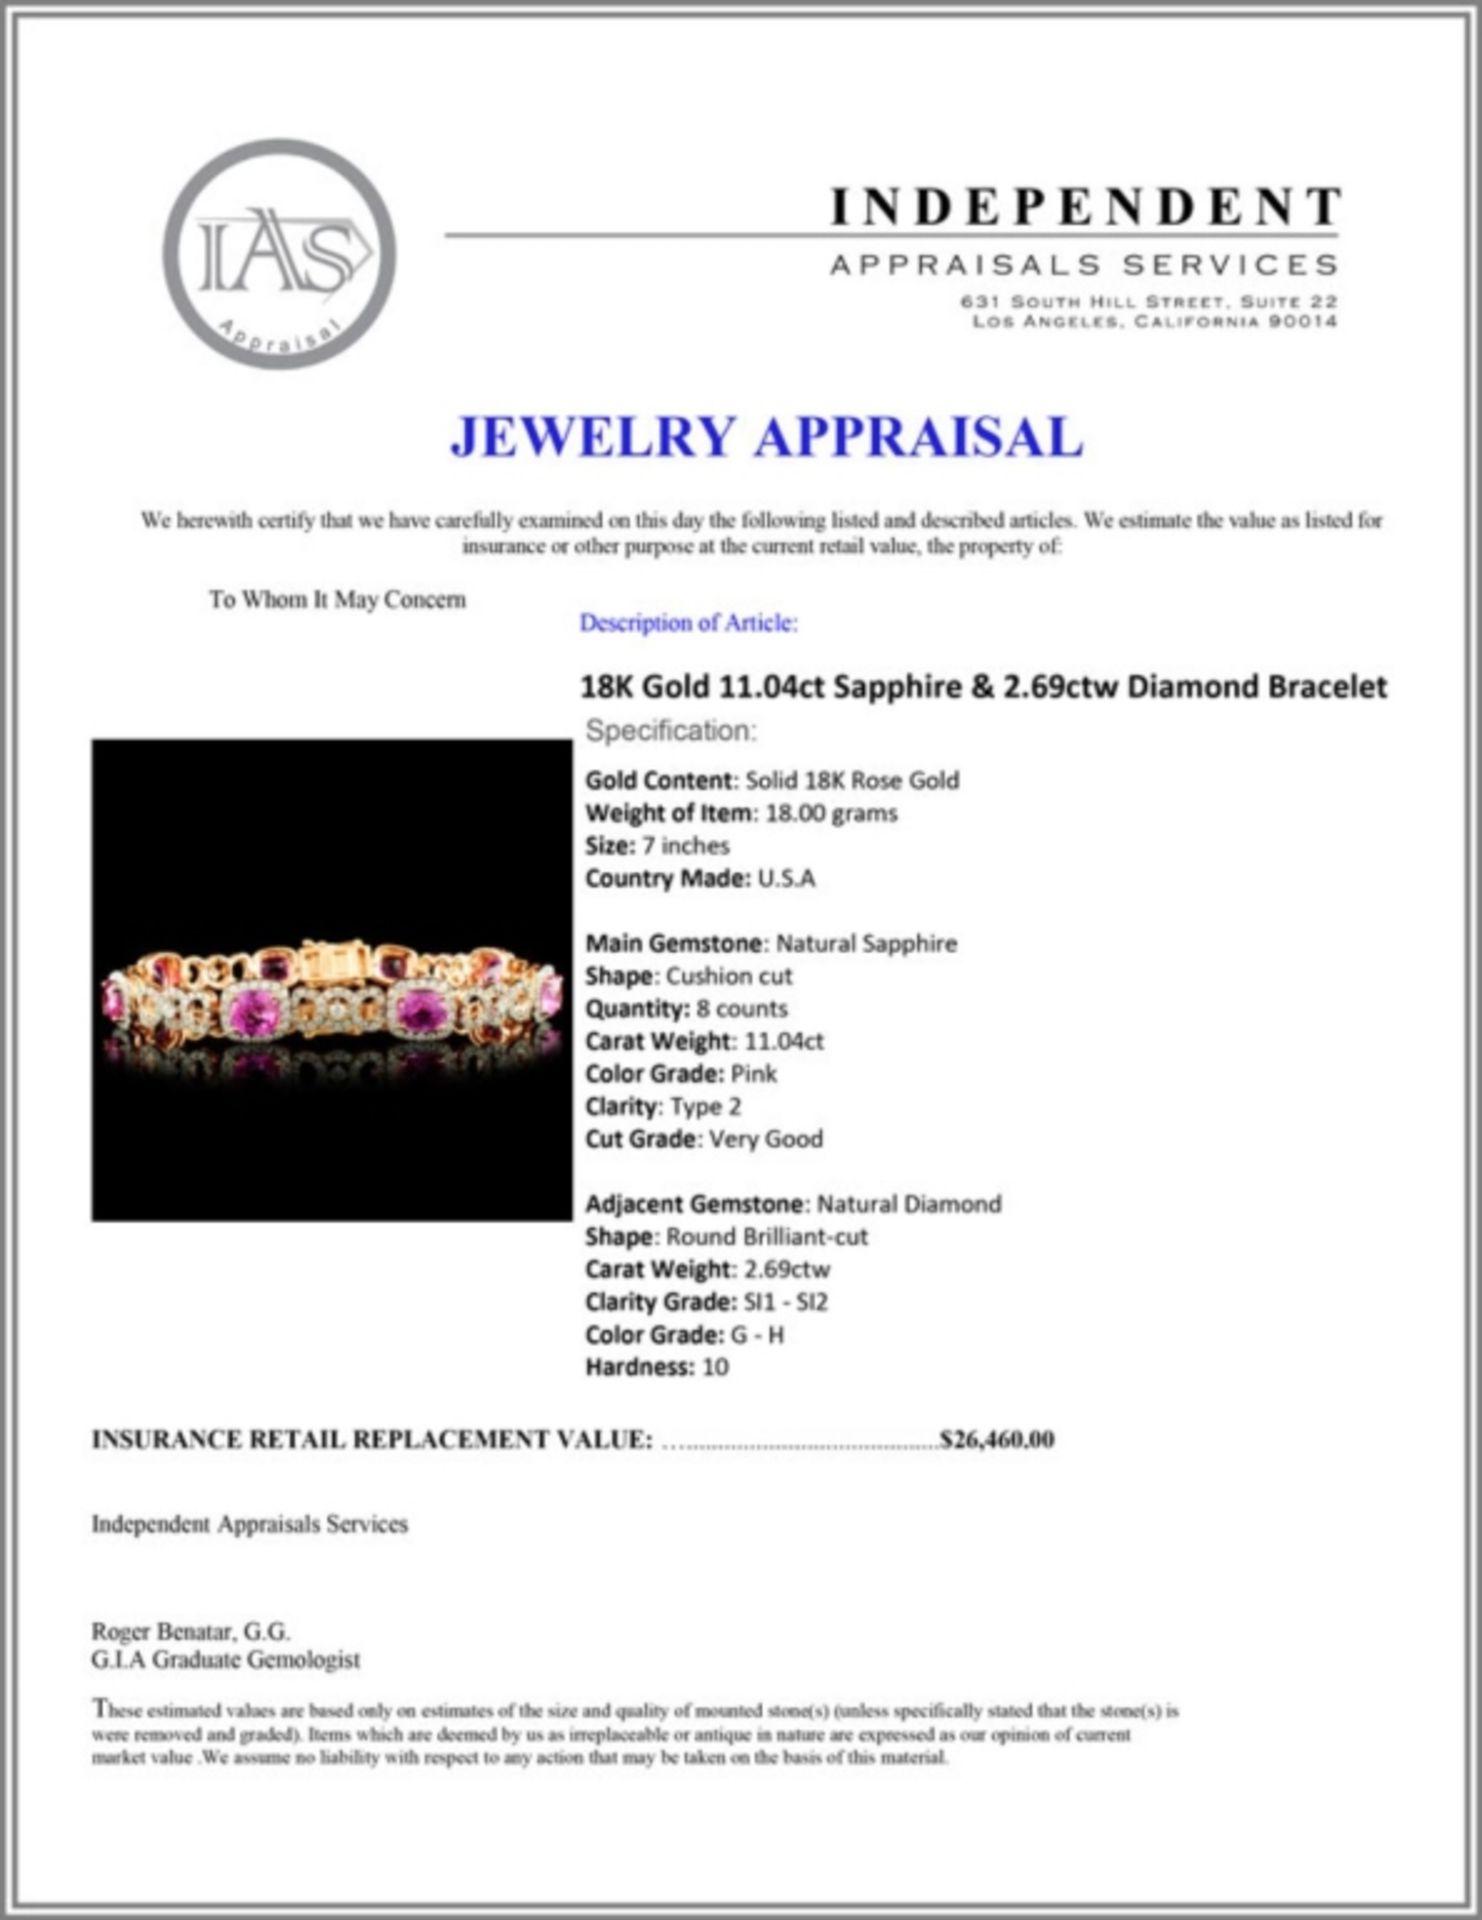 18K Gold 11.04ct Sapphire & 2.69ctw Diamond Bracel - Image 4 of 4